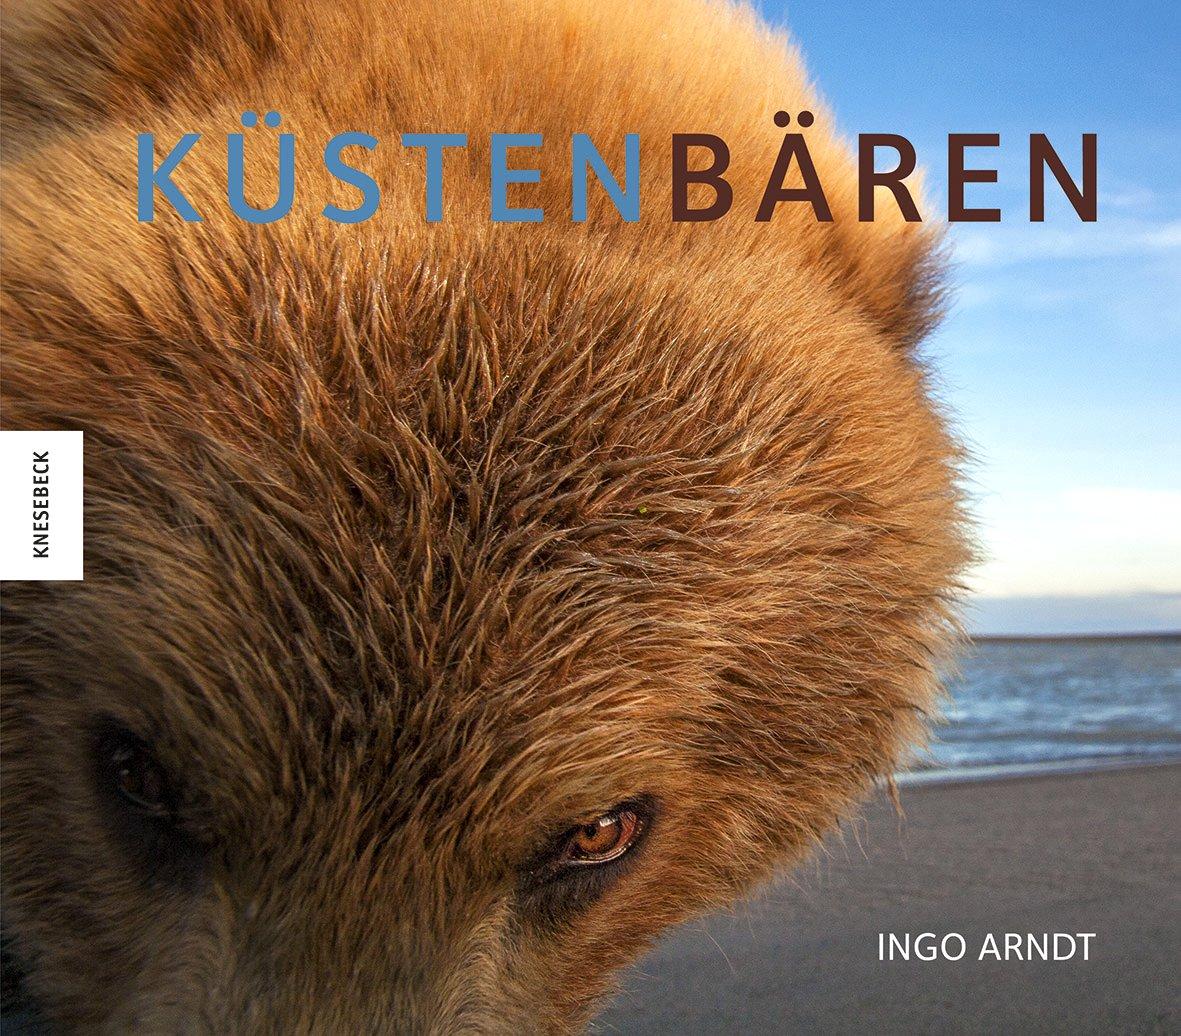 Küstenbären Buch von Ingo Arndt versandkostenfrei bestellen